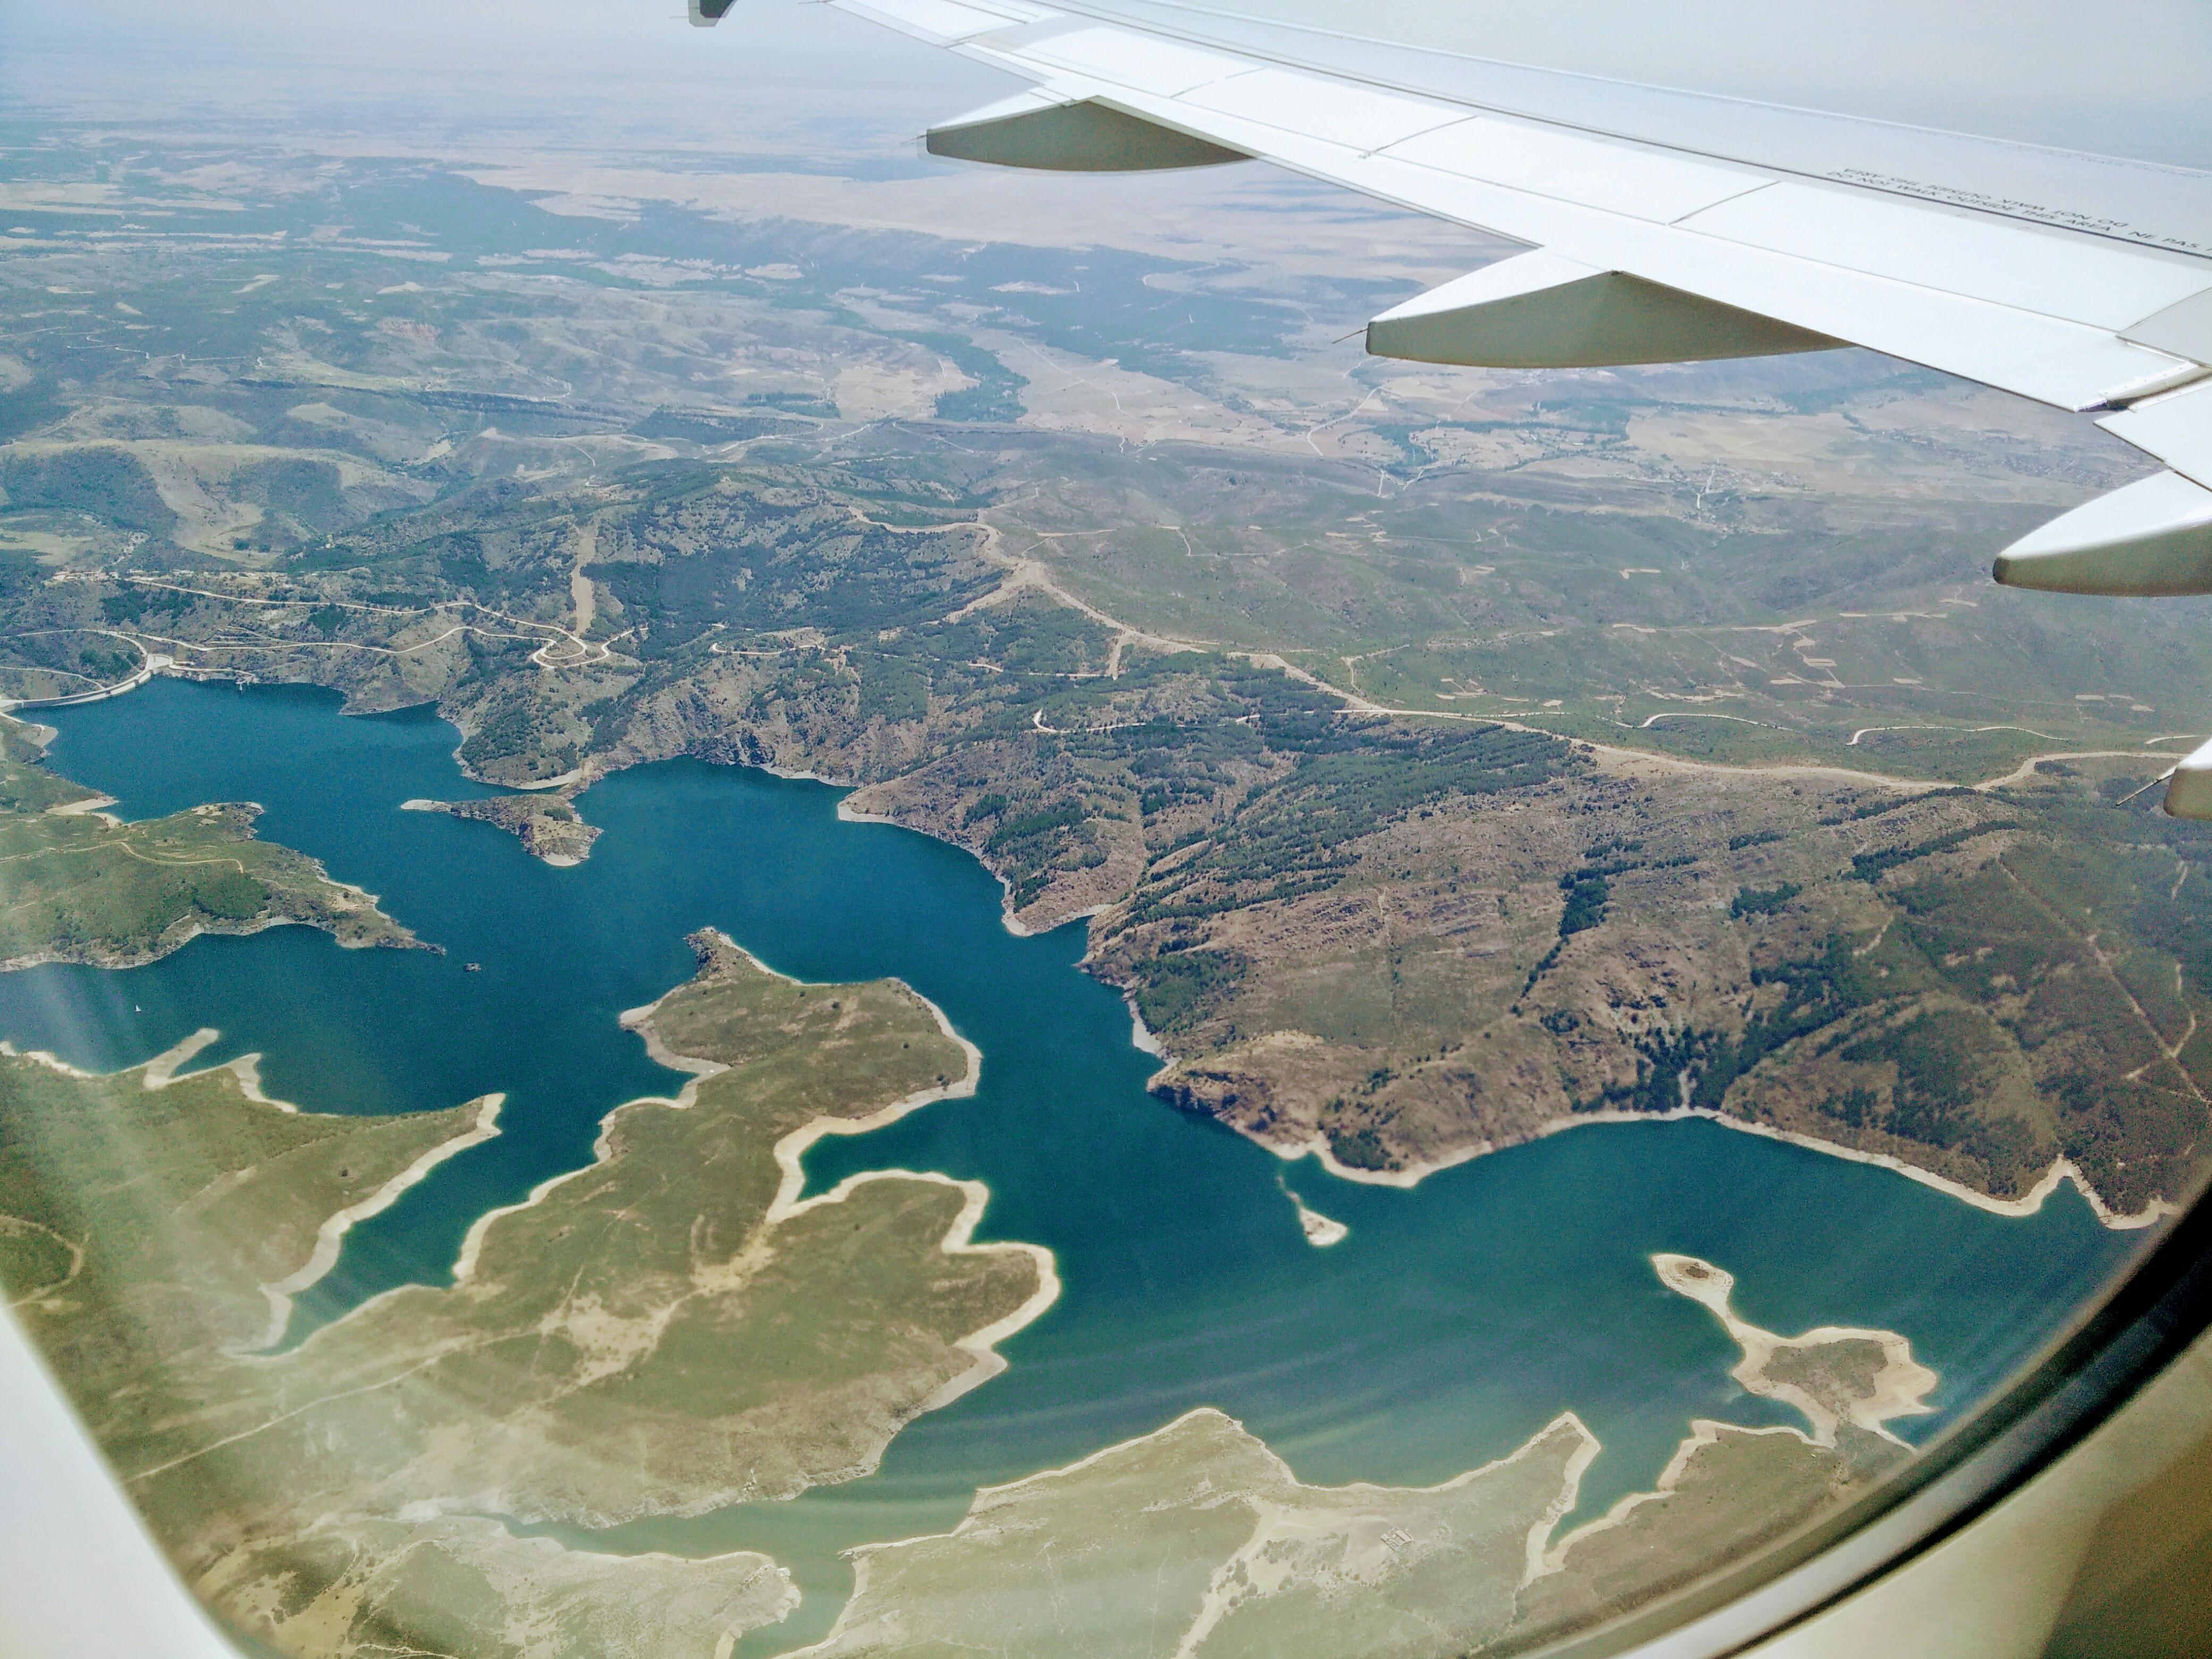 vista del embalse de Madrid desde el cielo, superando el miedo a volar - los viajes de margalliver